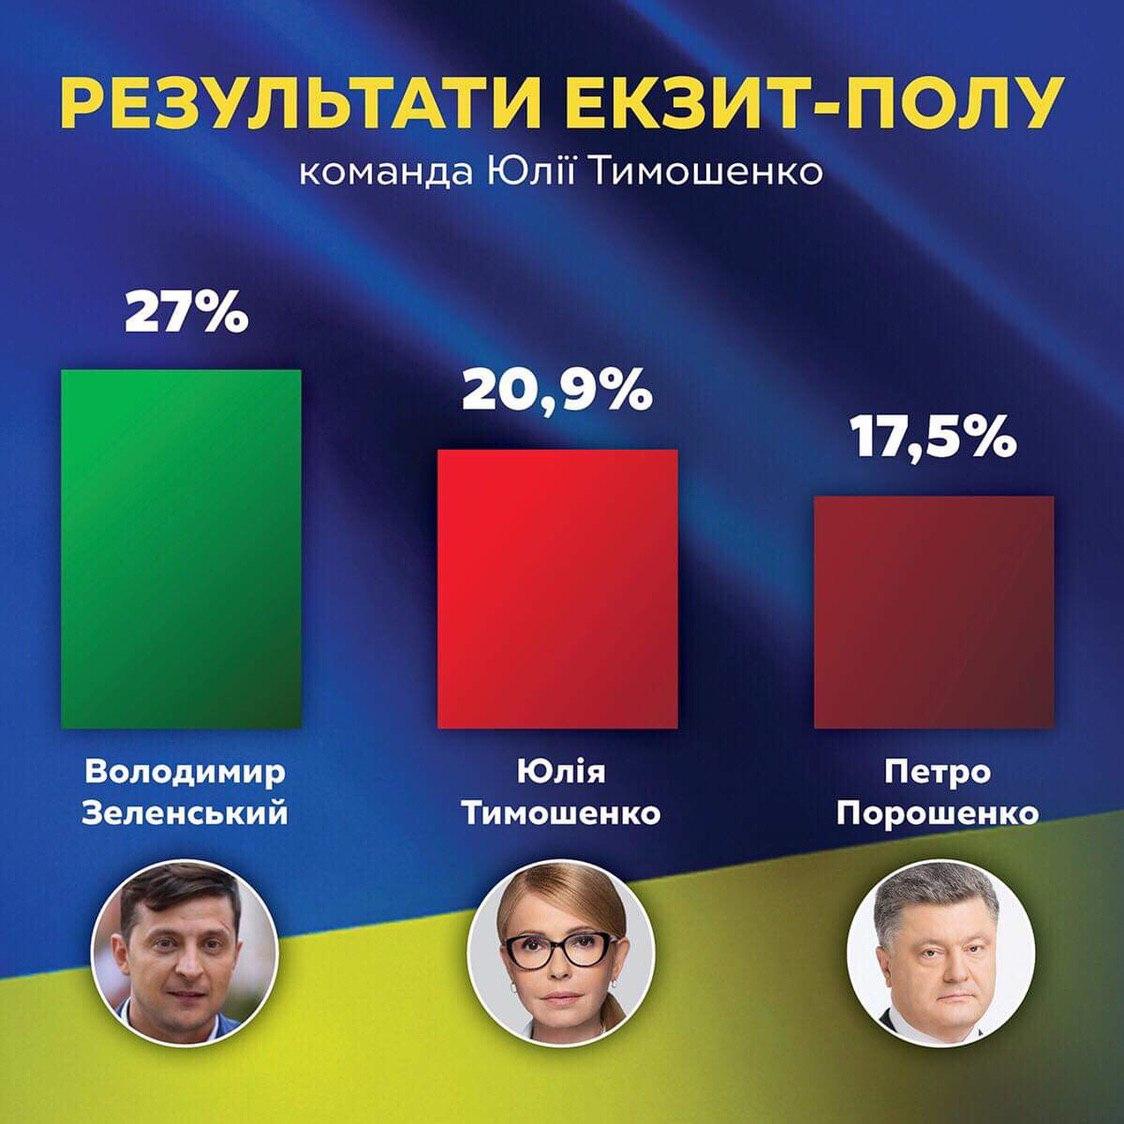 """Тимошенко и Зеленский выходят во второй тур, - """"Батькивщина"""""""